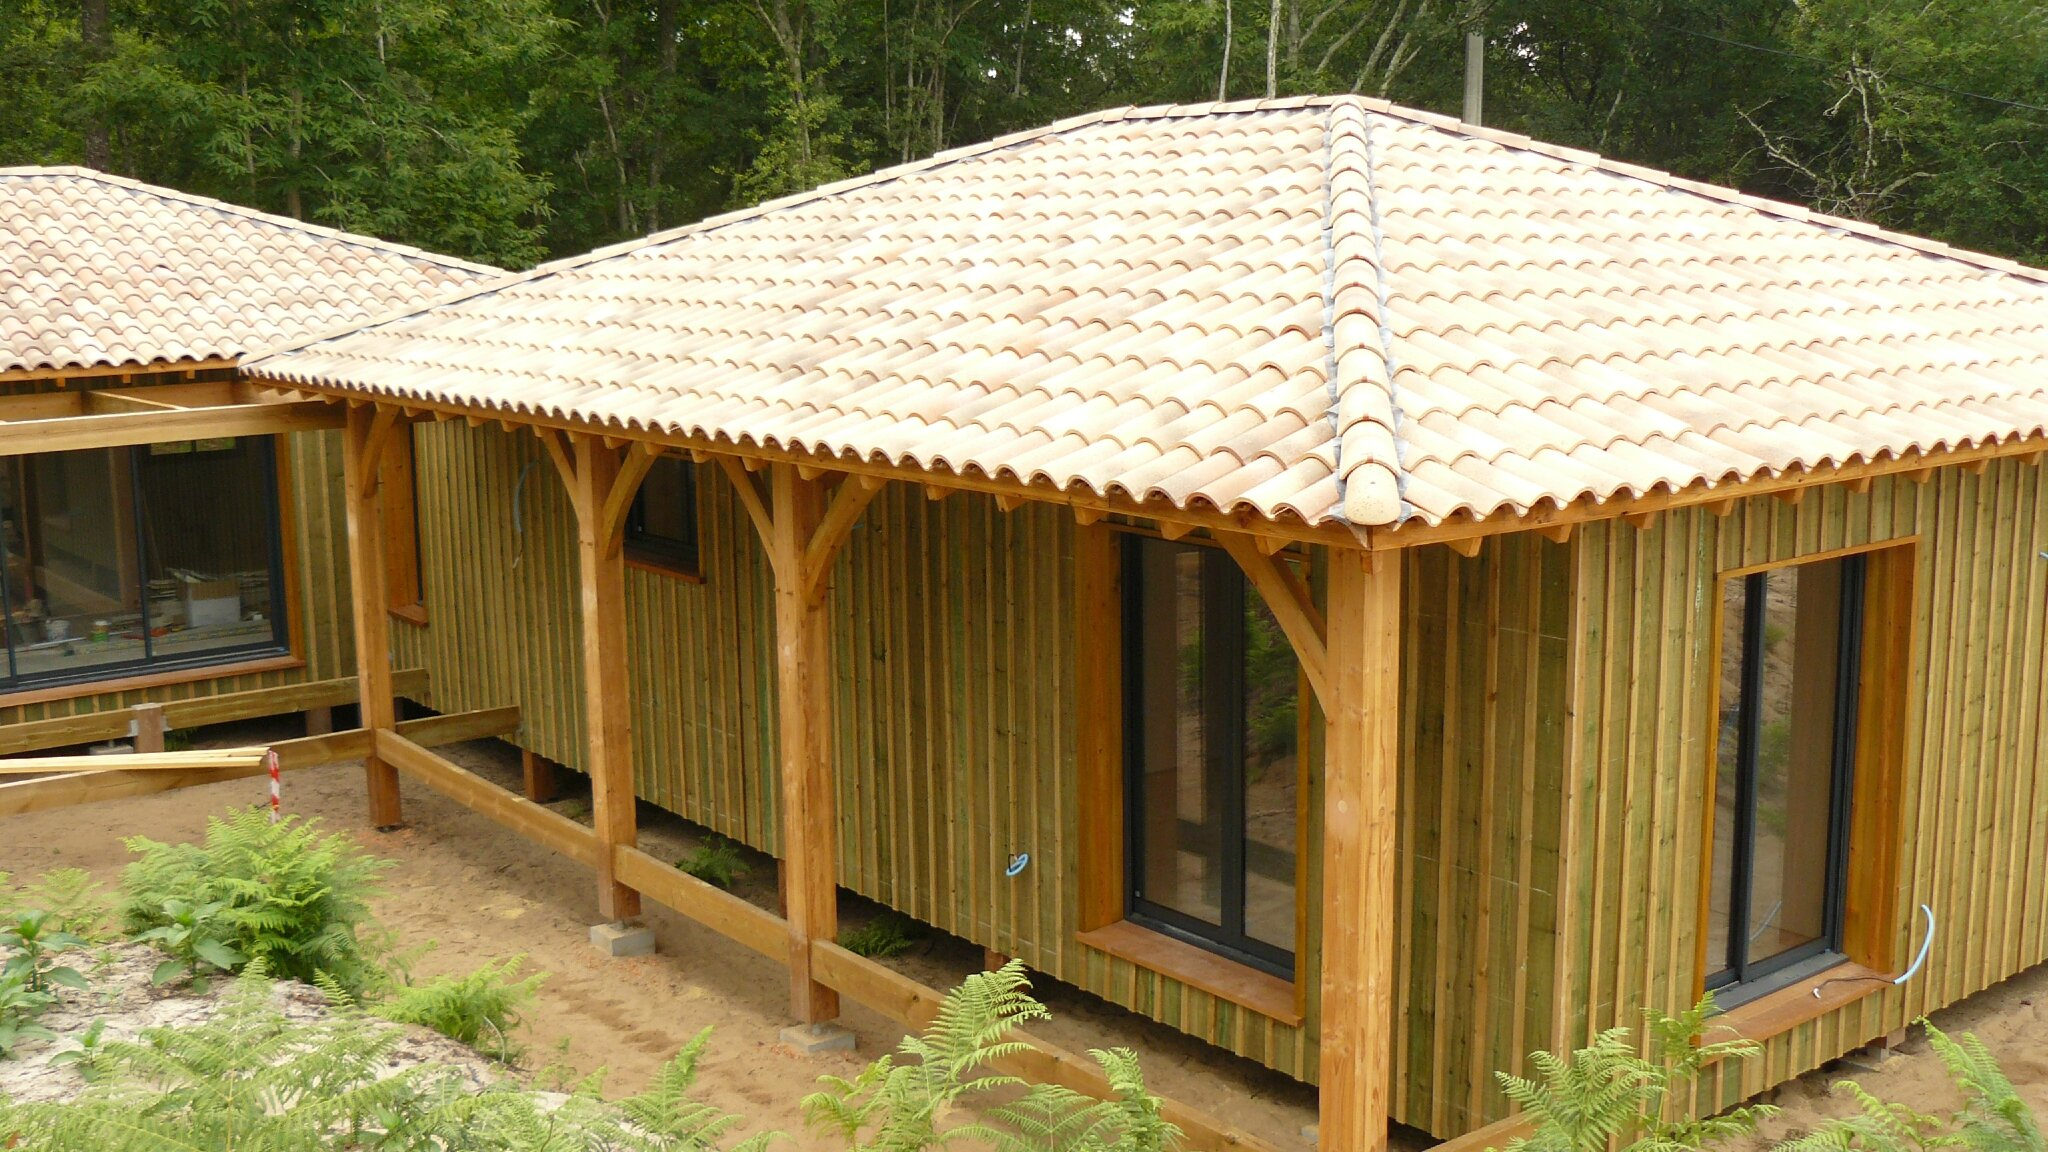 Bien-aimé Bardage en pin - Notre projet de maison ossature bois côté lac IH54